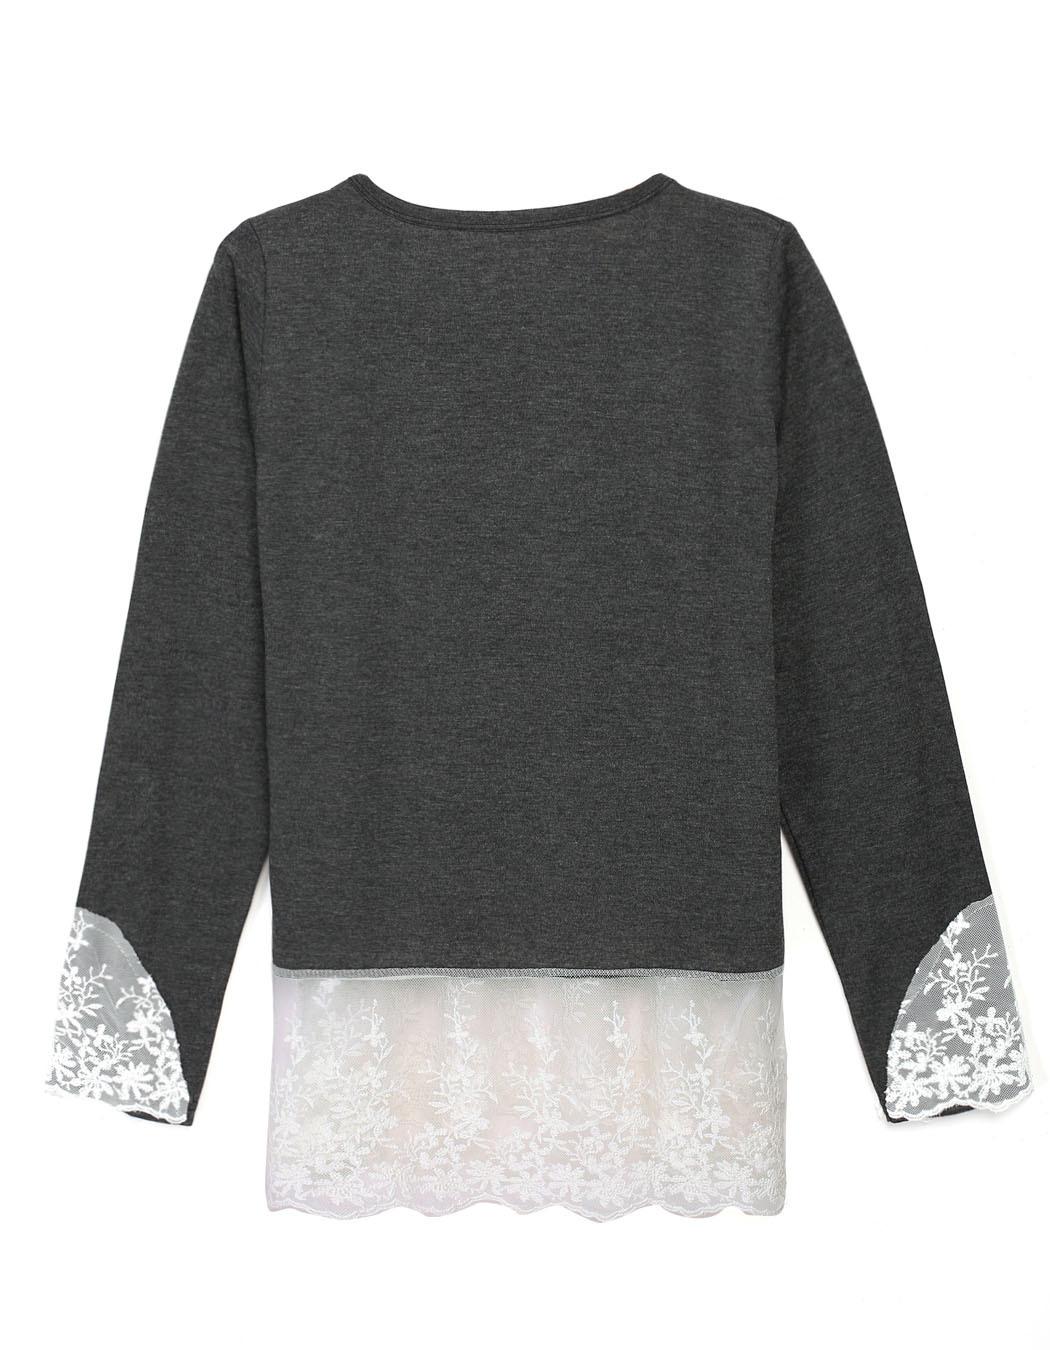 Camisetas продвижение регулярный твердые Tshirt Aliexpress 2015 новых европейских зимних кружева подшивание шея рукавами футболка для женщин